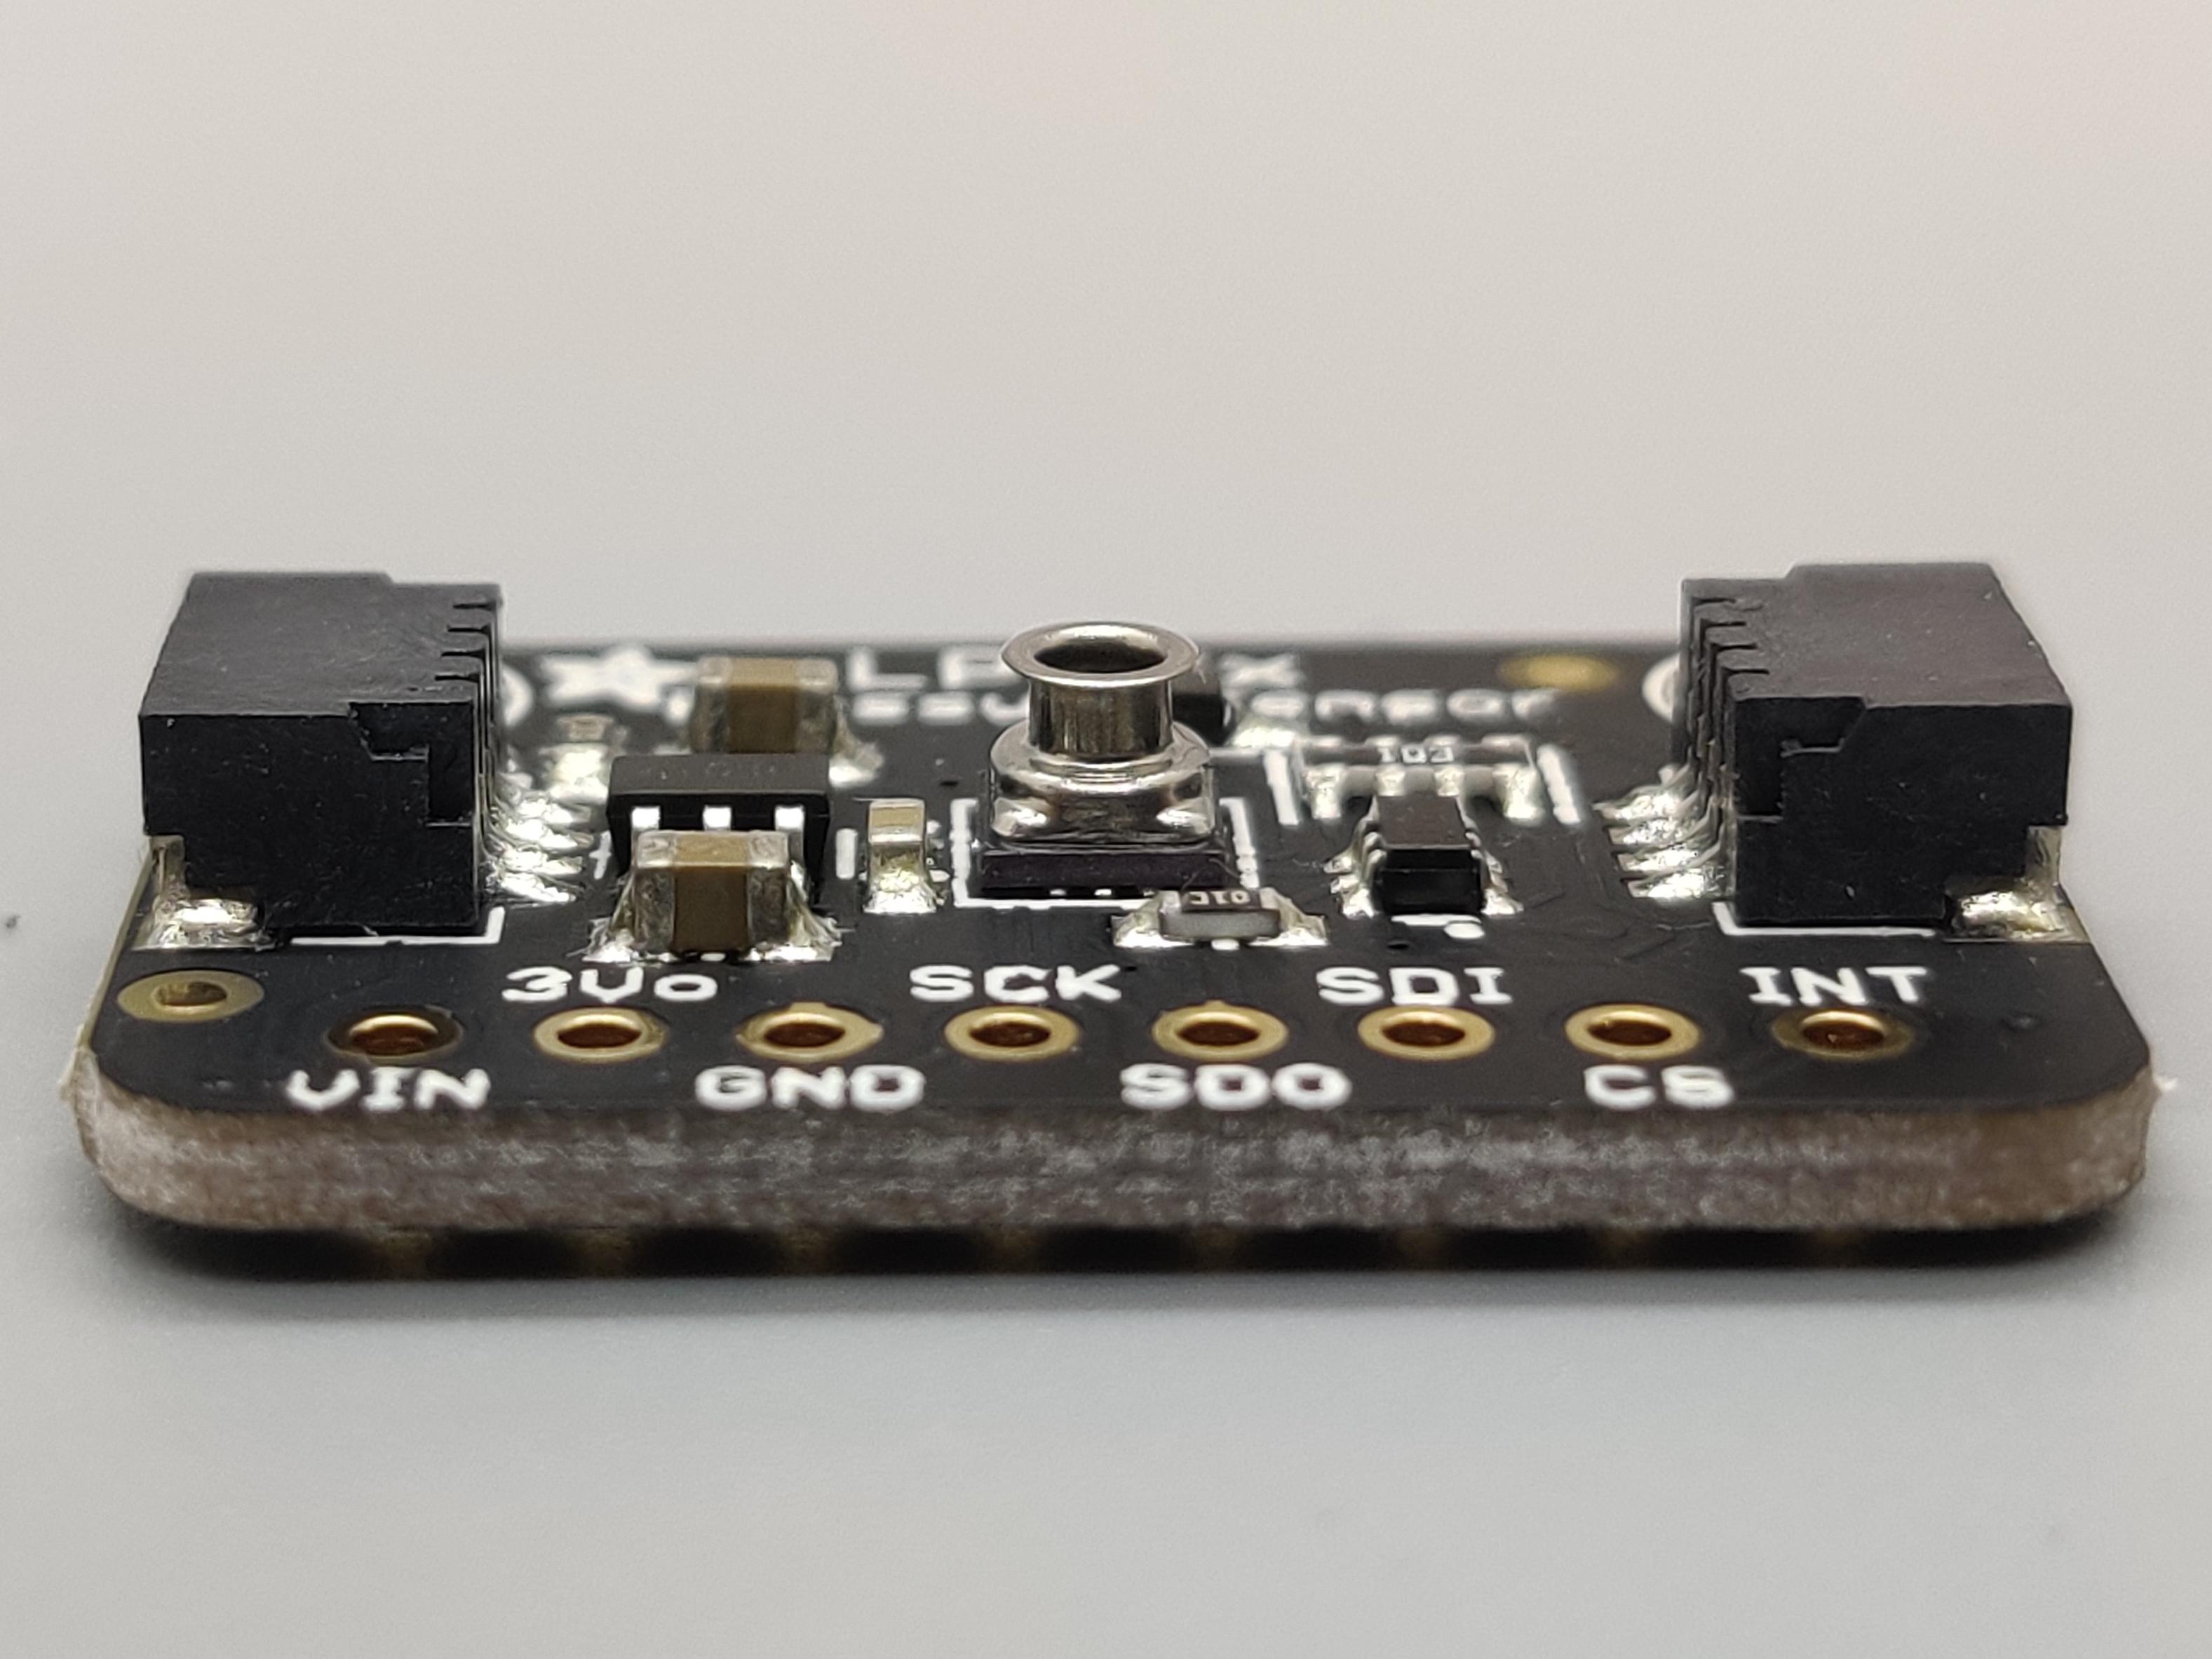 sensors_IMG_20200211_134113.jpg